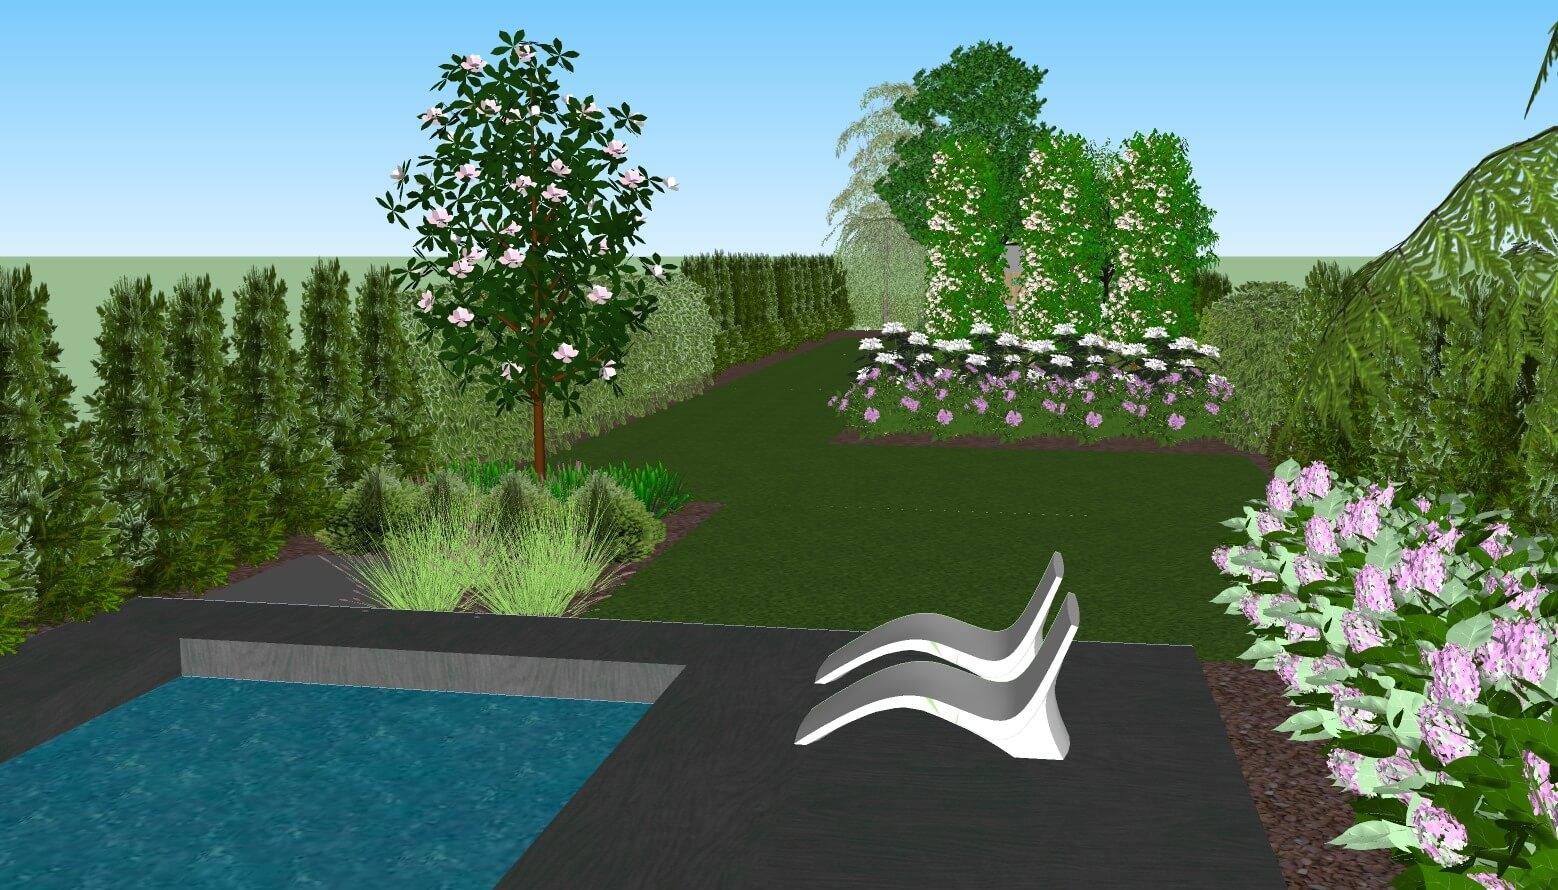 Ogród zbasenem - projekt